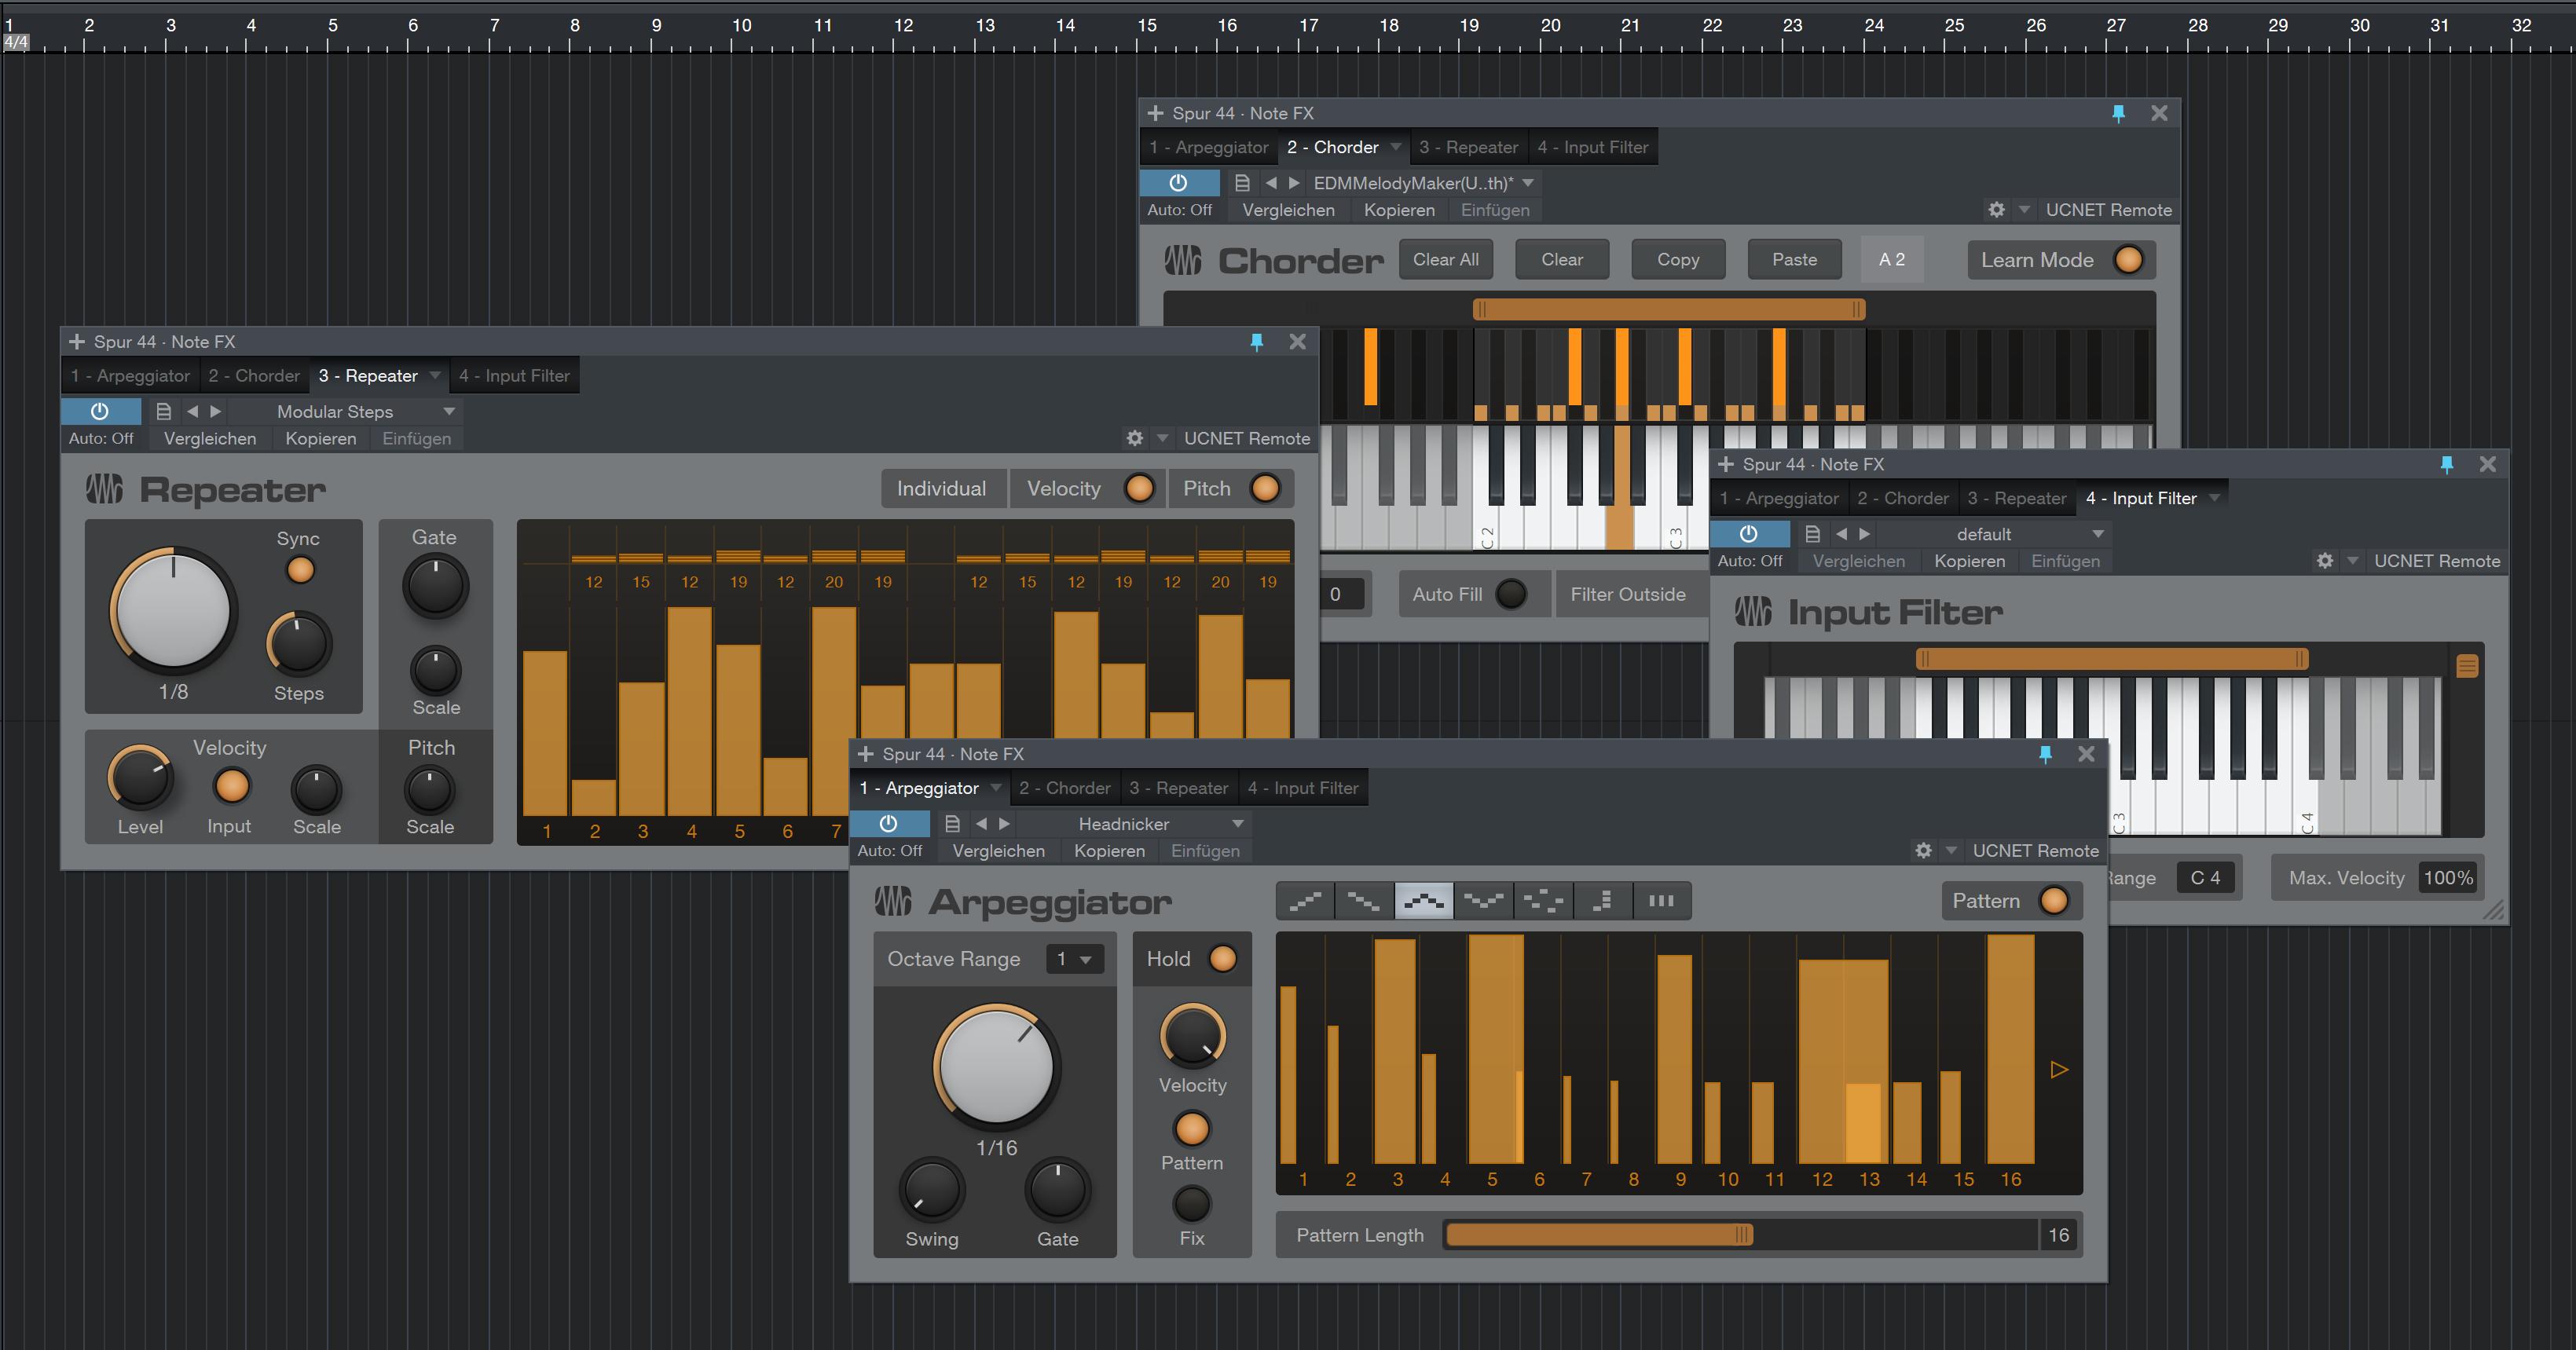 Vier NoteFX werden mit Studio One 3 mitgeliefert